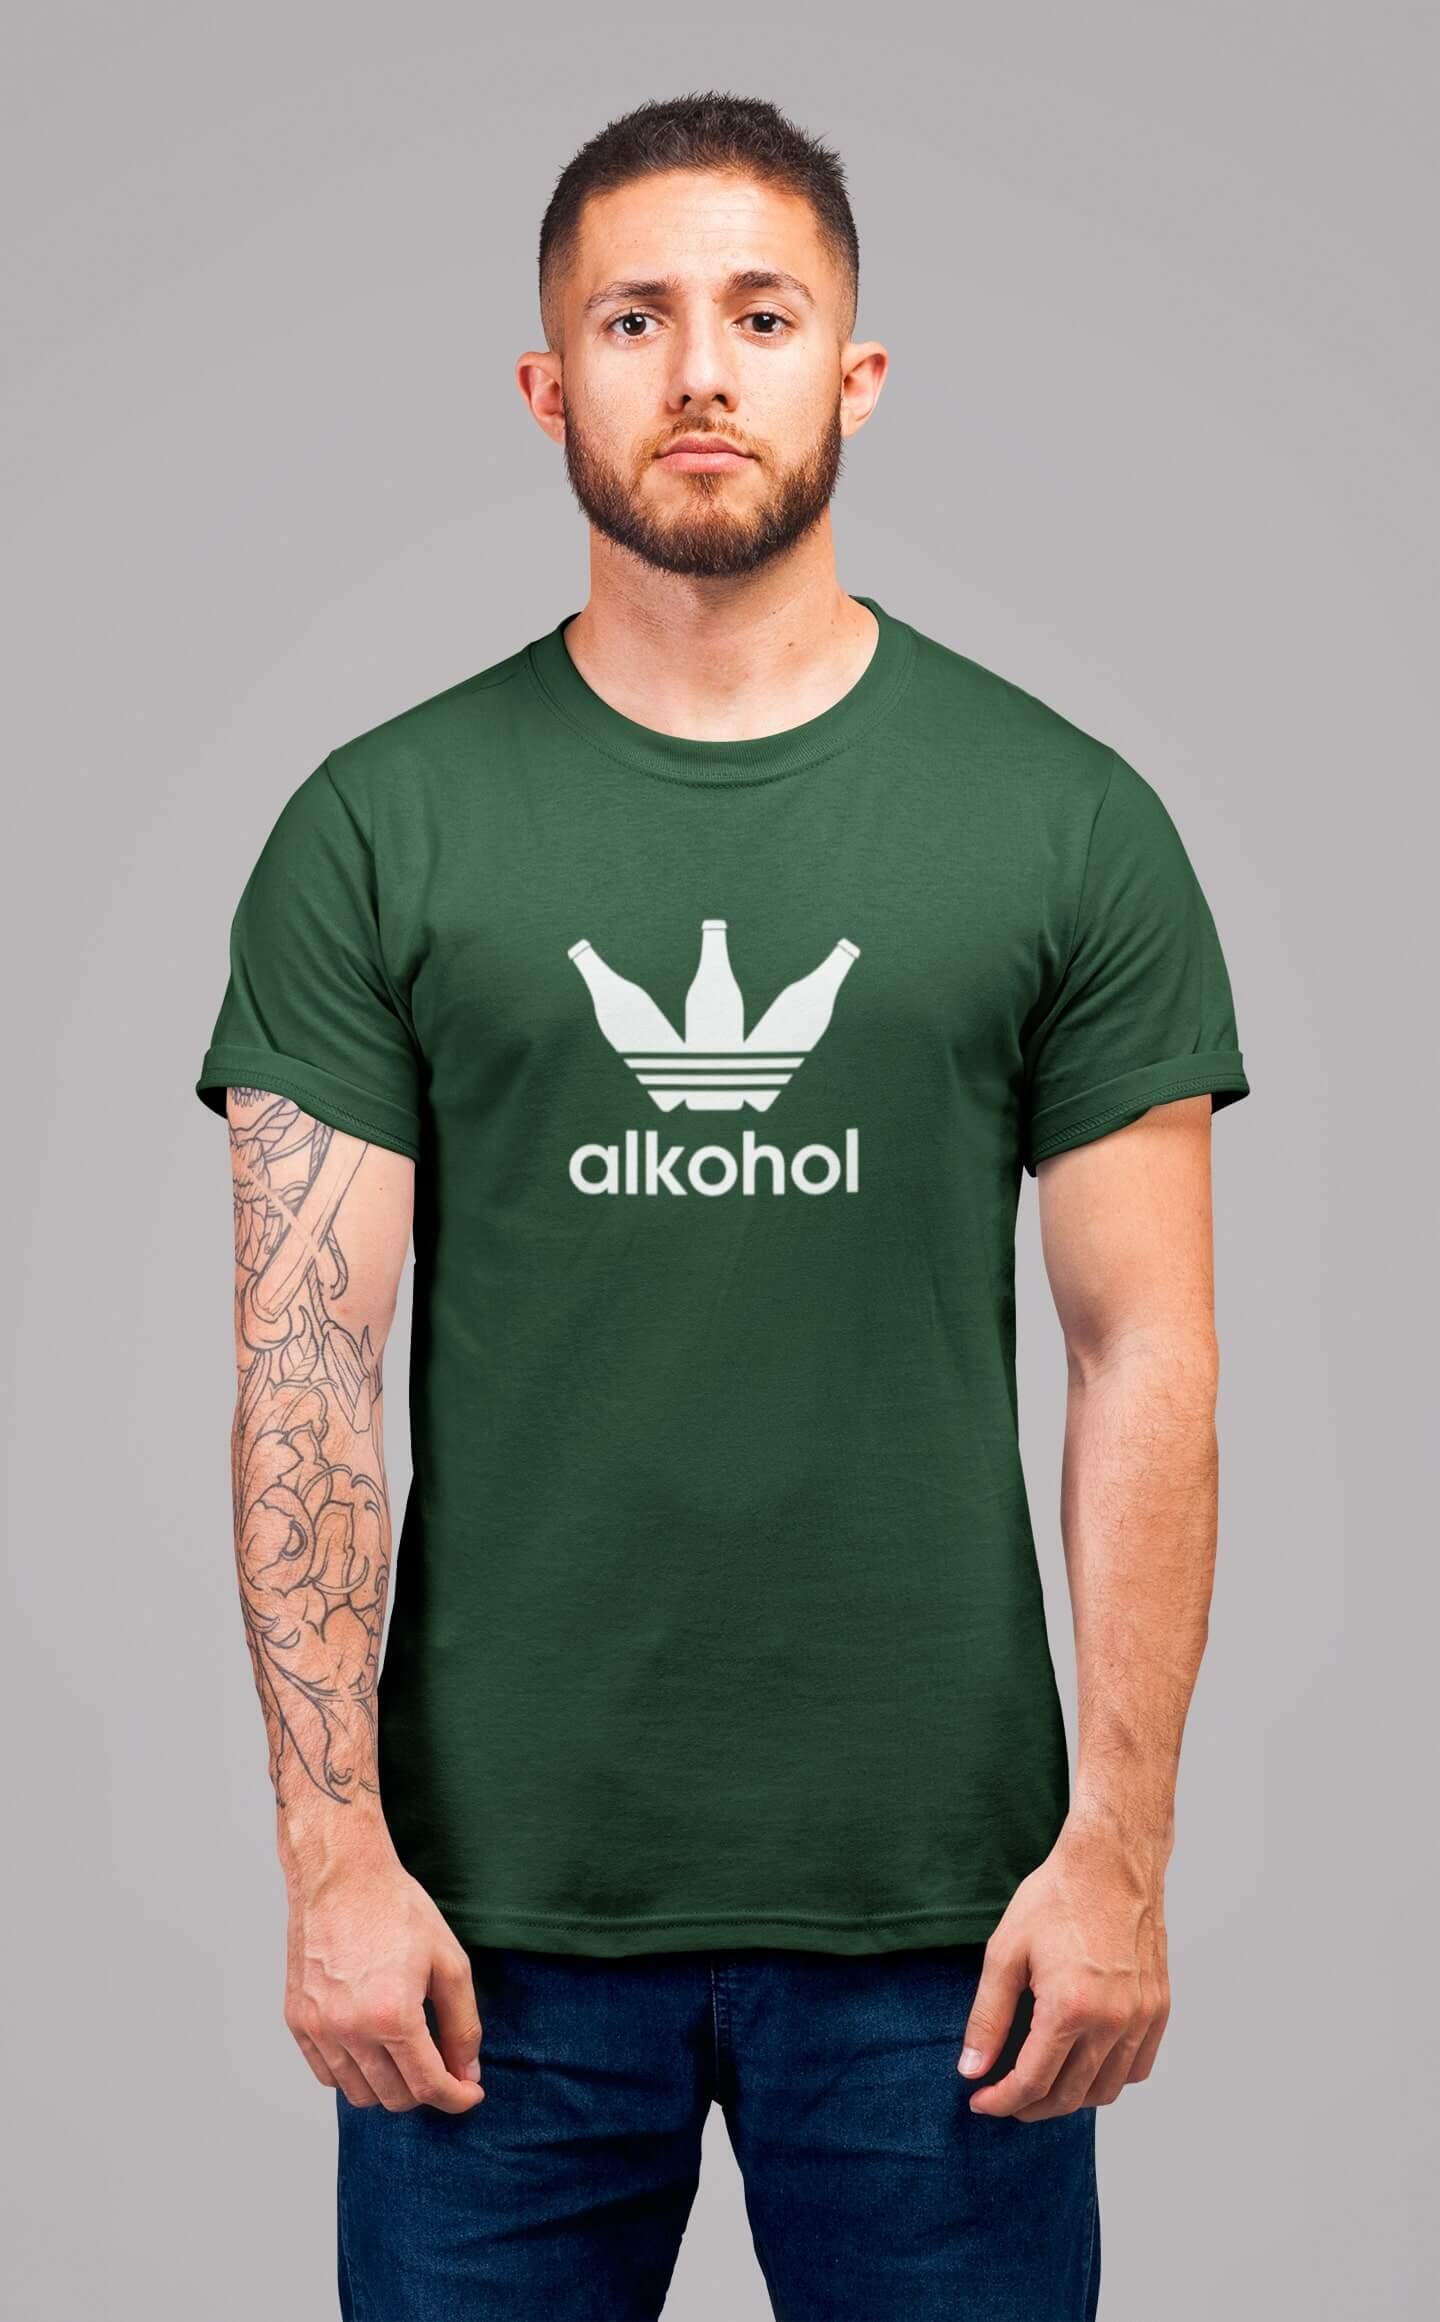 MMO Pánske tričko s flaškami Vyberte farbu: Fľaškovozelená, Vyberte veľkosť: S